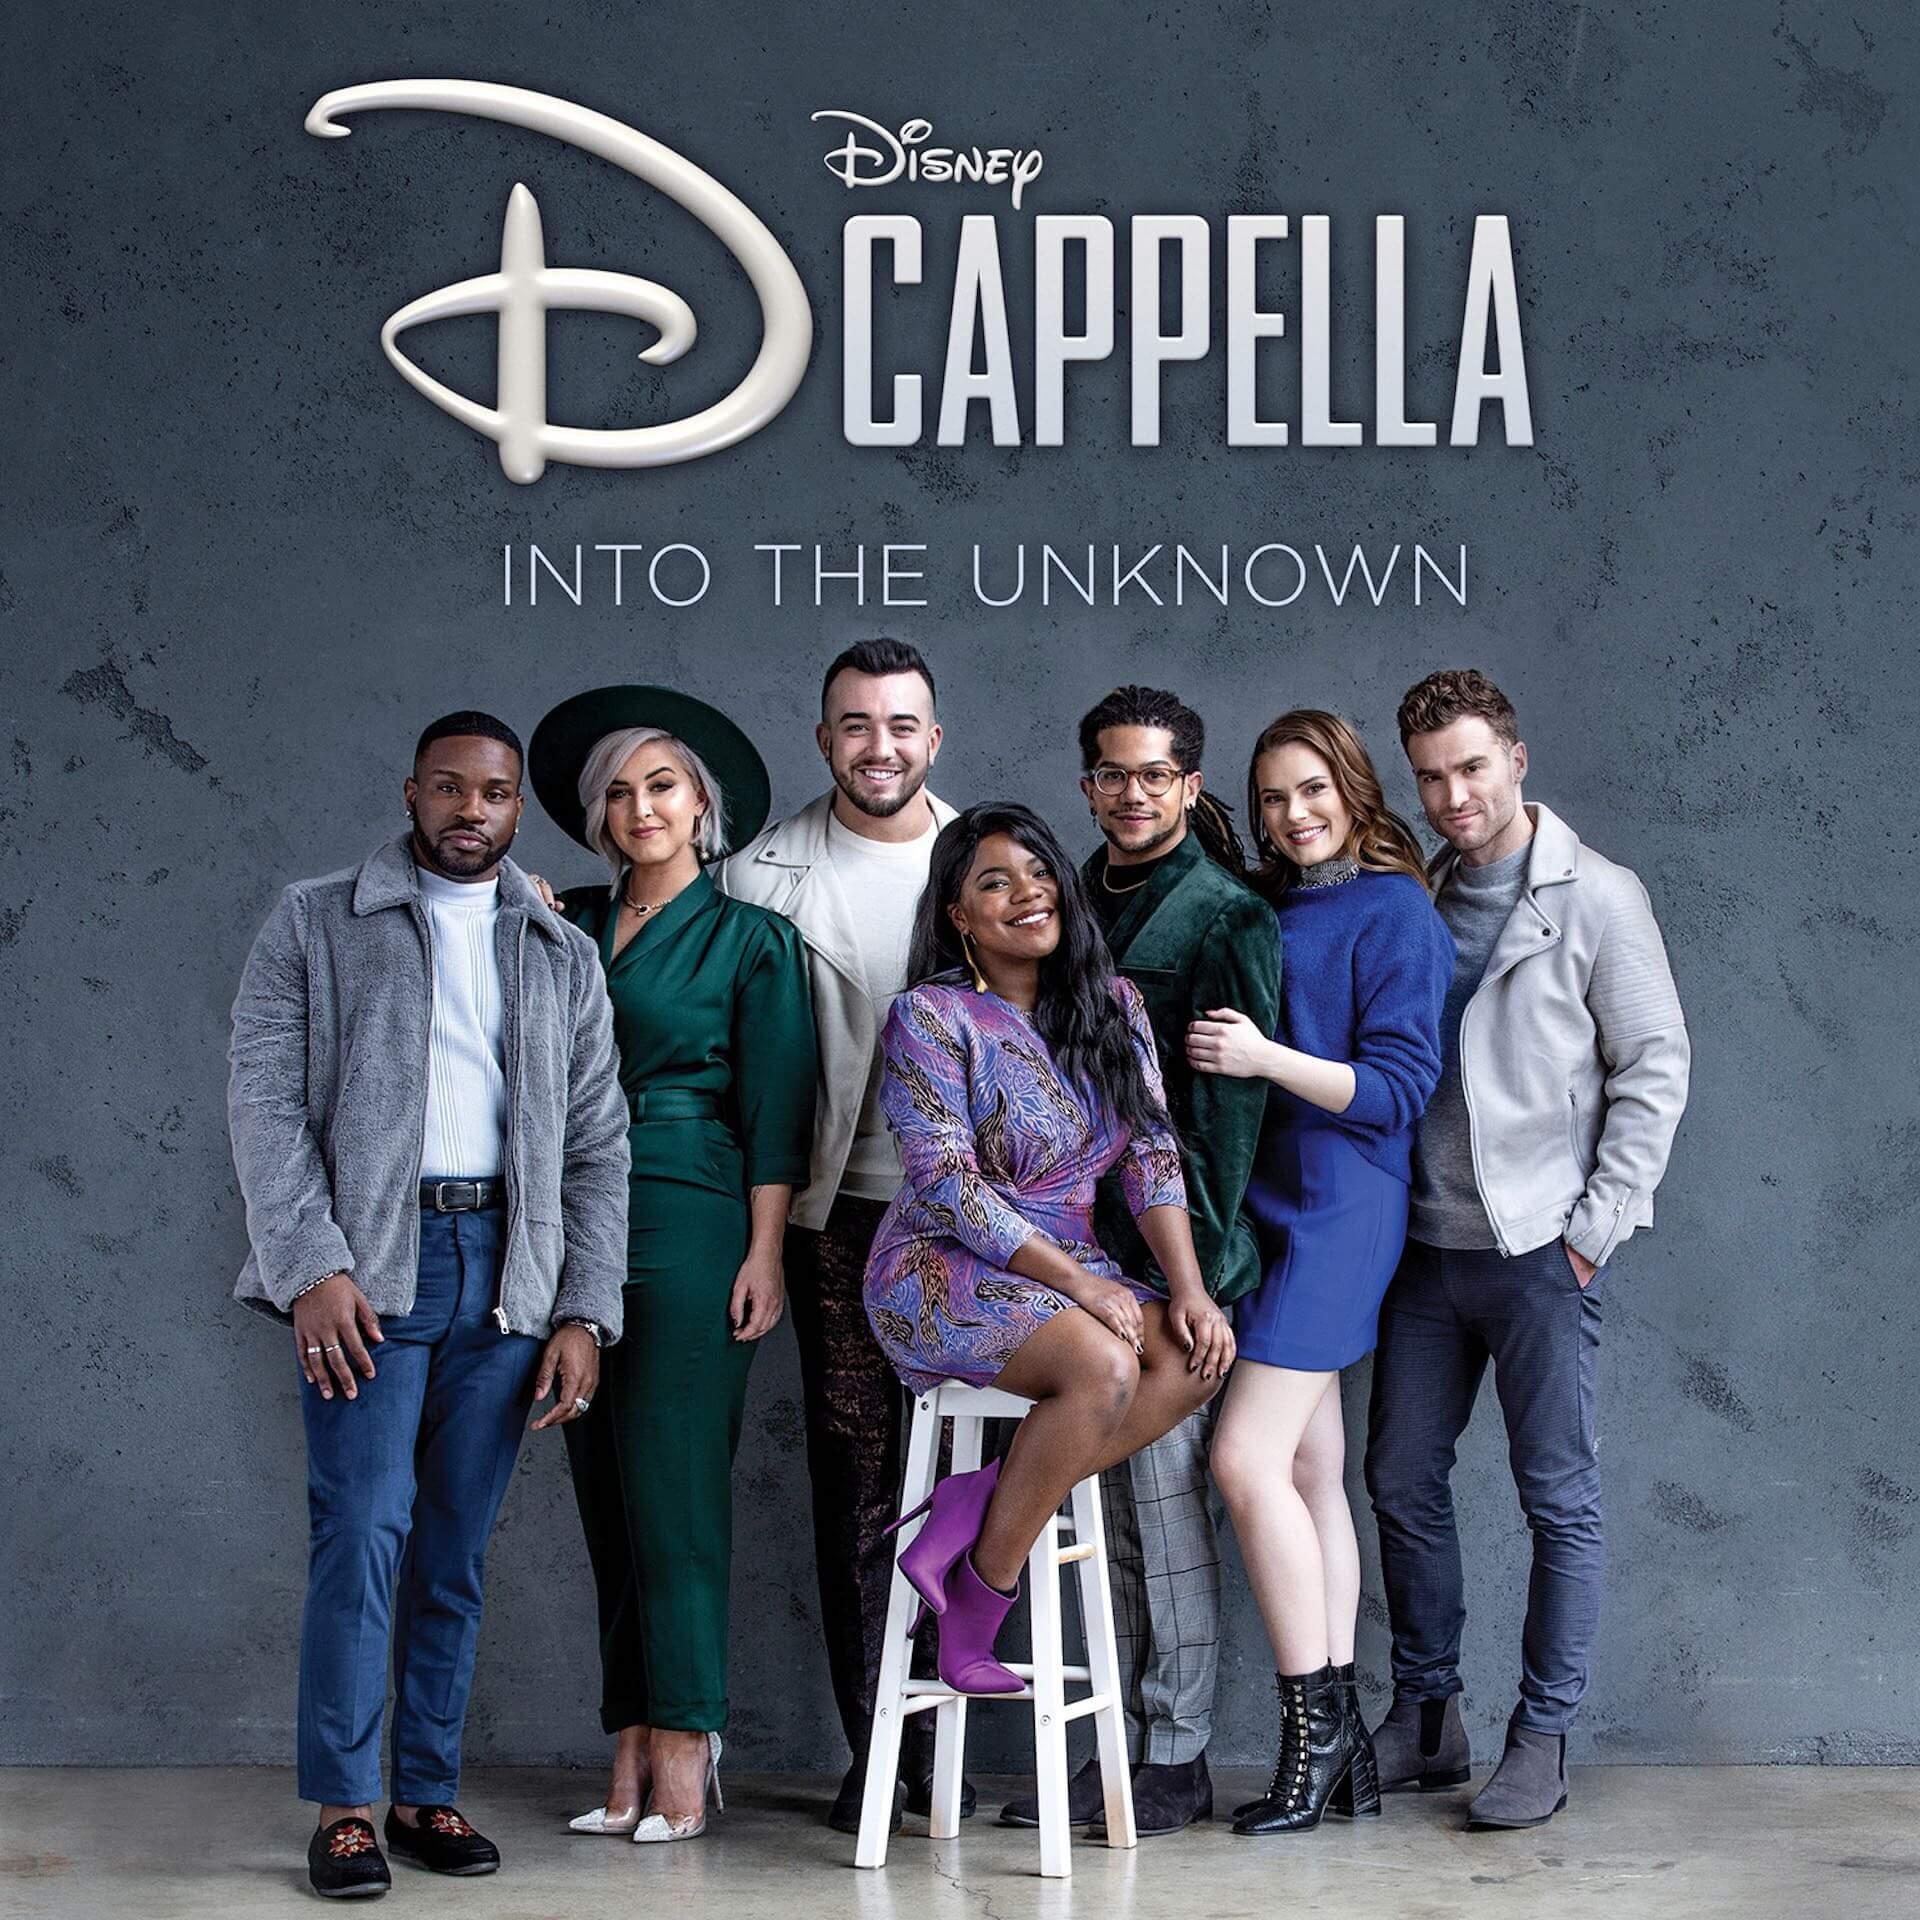 ディズニーの名曲を歌うアカペラグループ「ディカペラ」が、『アナと雪の女王2』メイン楽曲をリリース!MVも同時解禁 music200427_dicappella_02